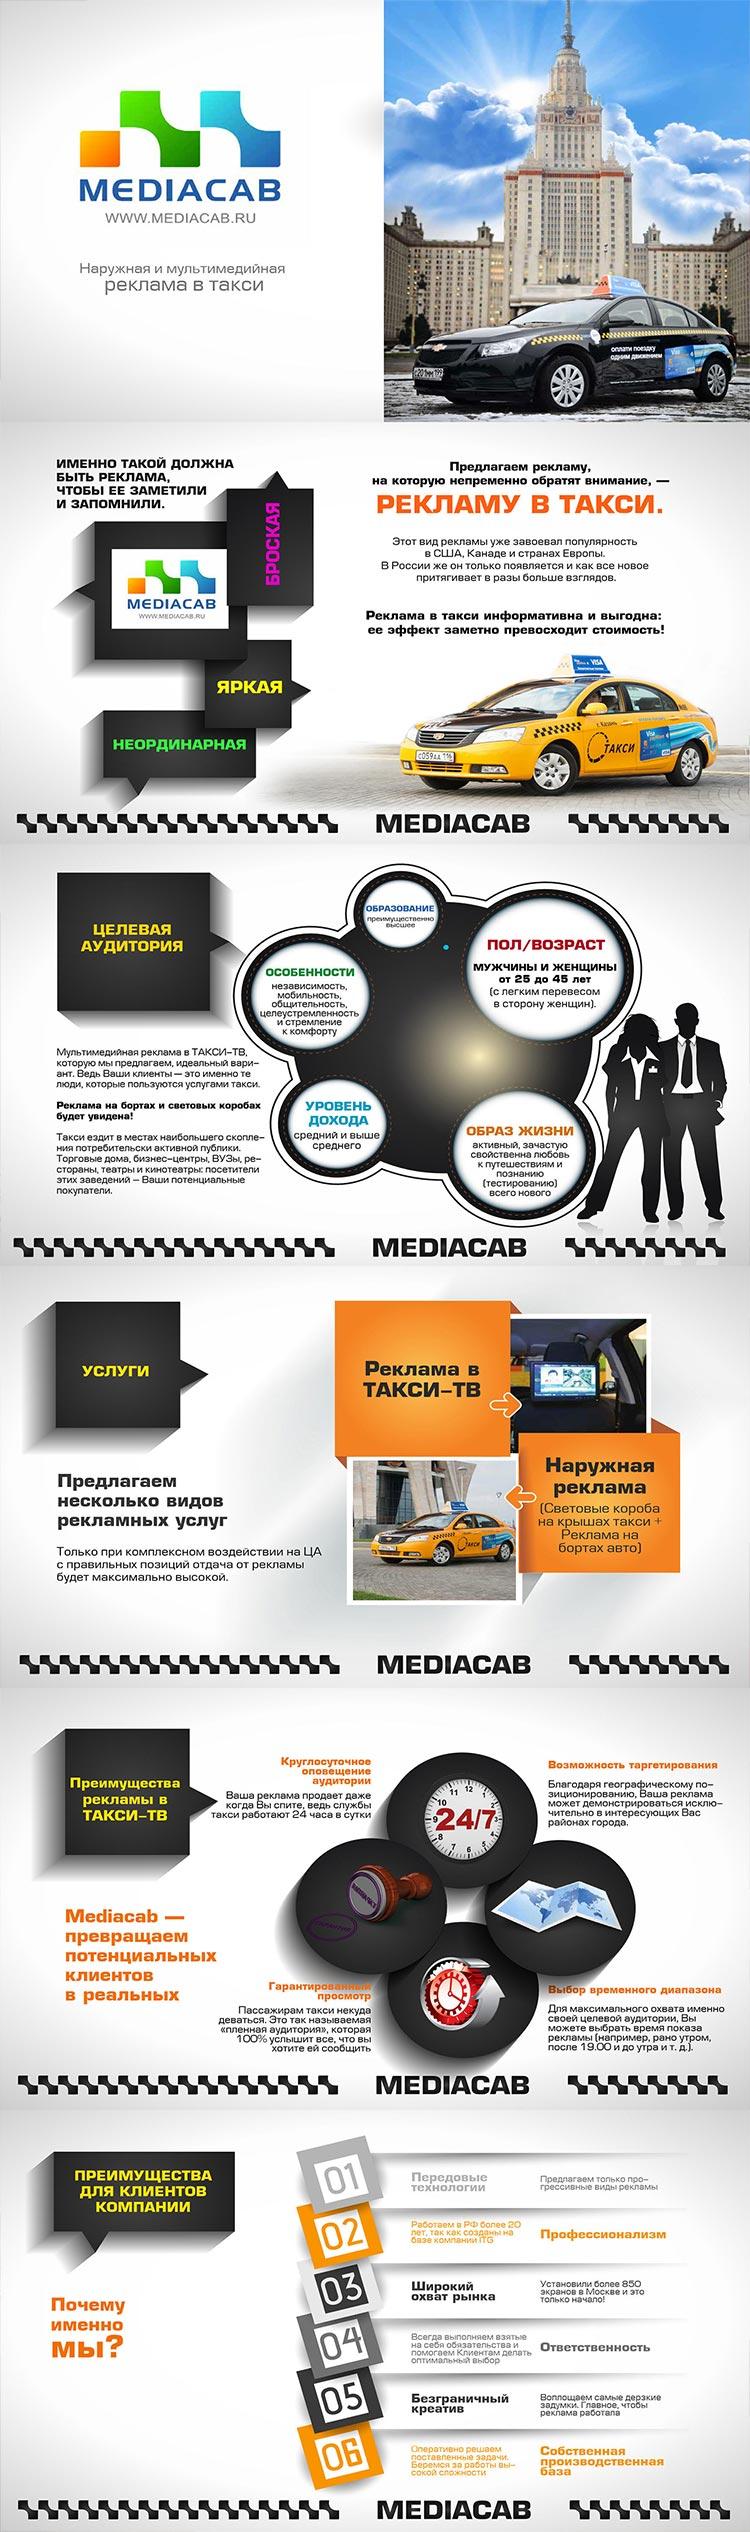 zakazat-Prezentacija-reklamnyh-uslug-kompanii